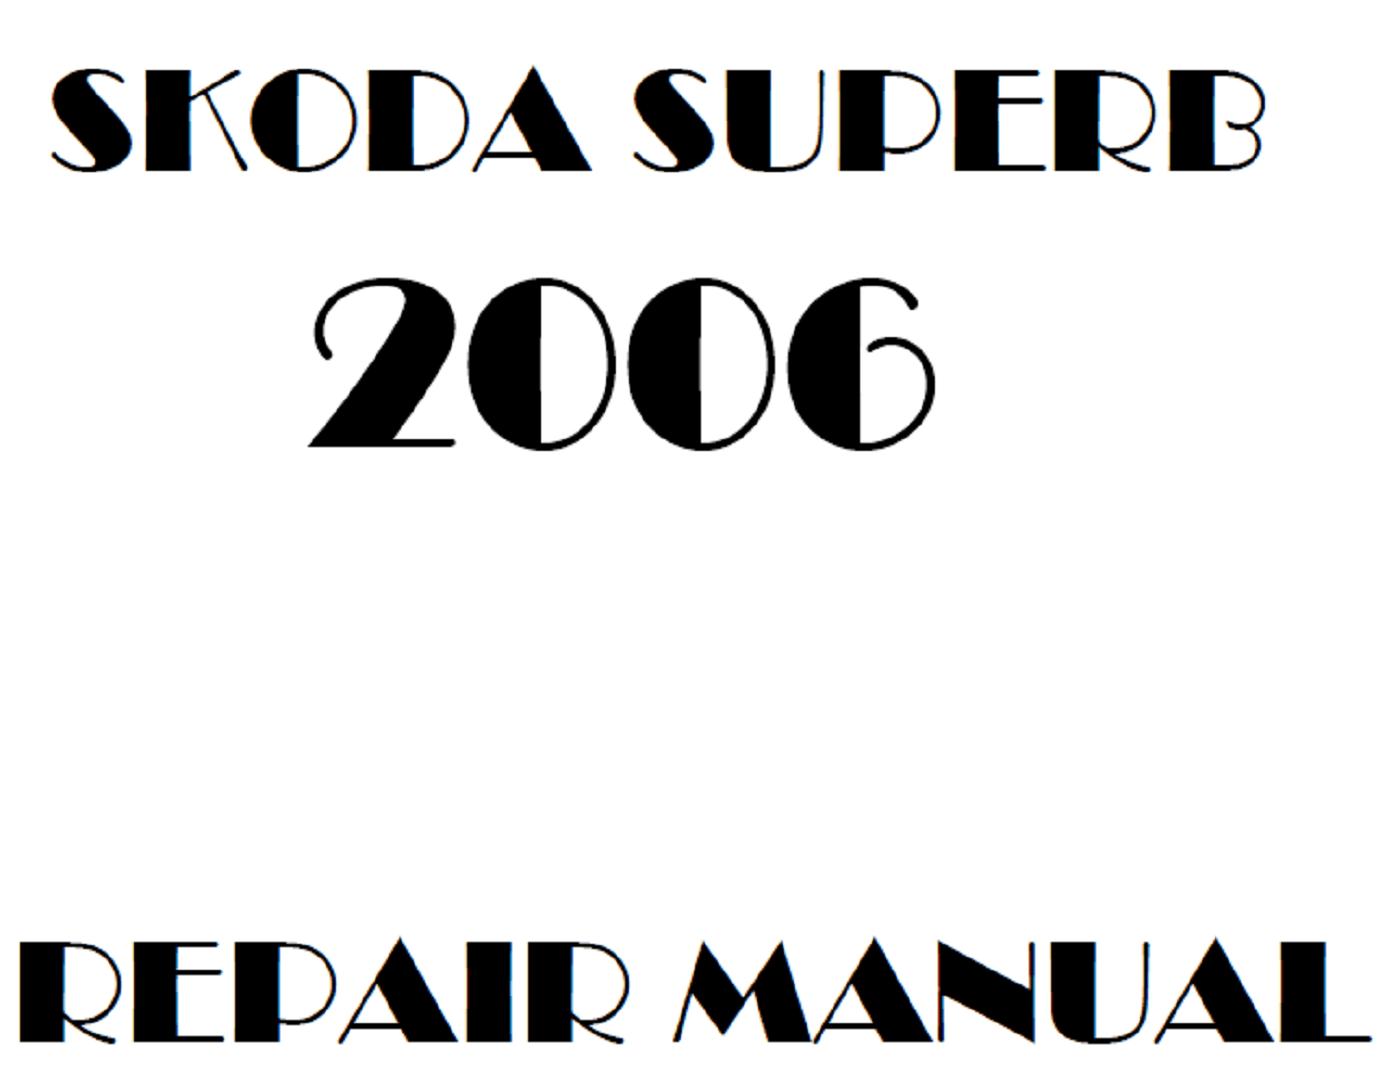 2006 Skoda Superb repair manual